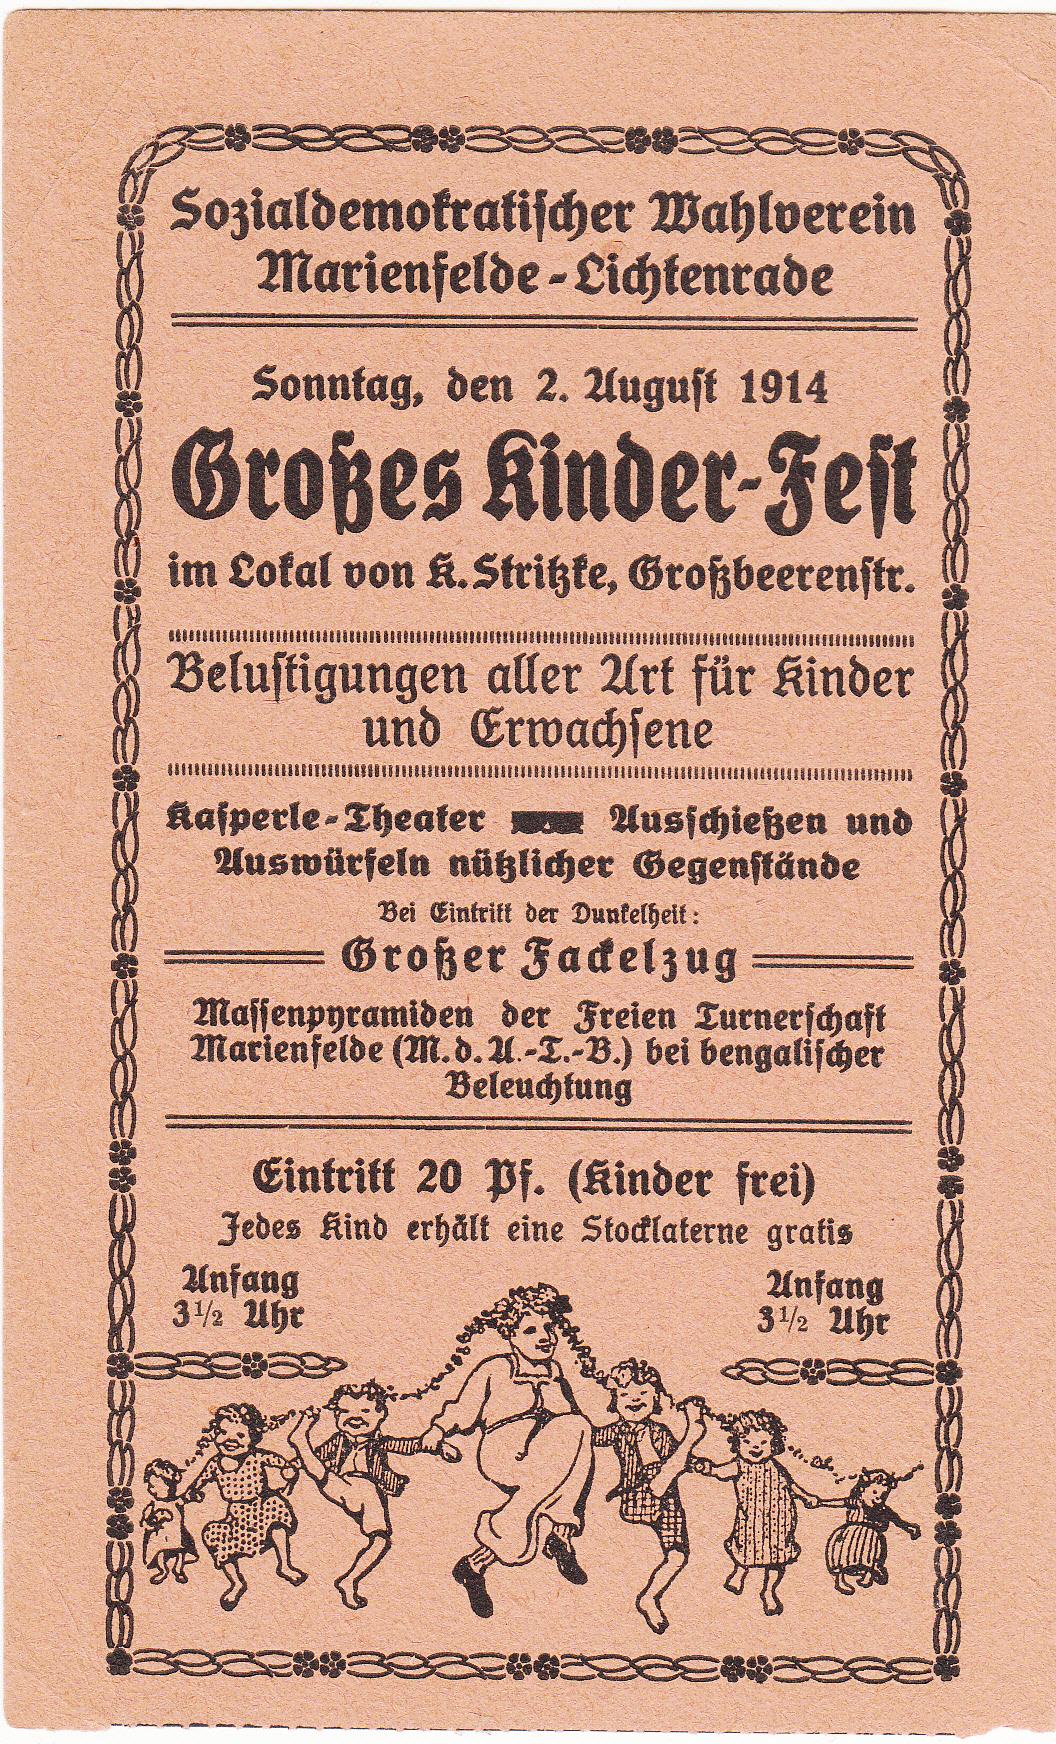 einladung kinderfest 1914 : geschichtsdokumente.de, Einladungen